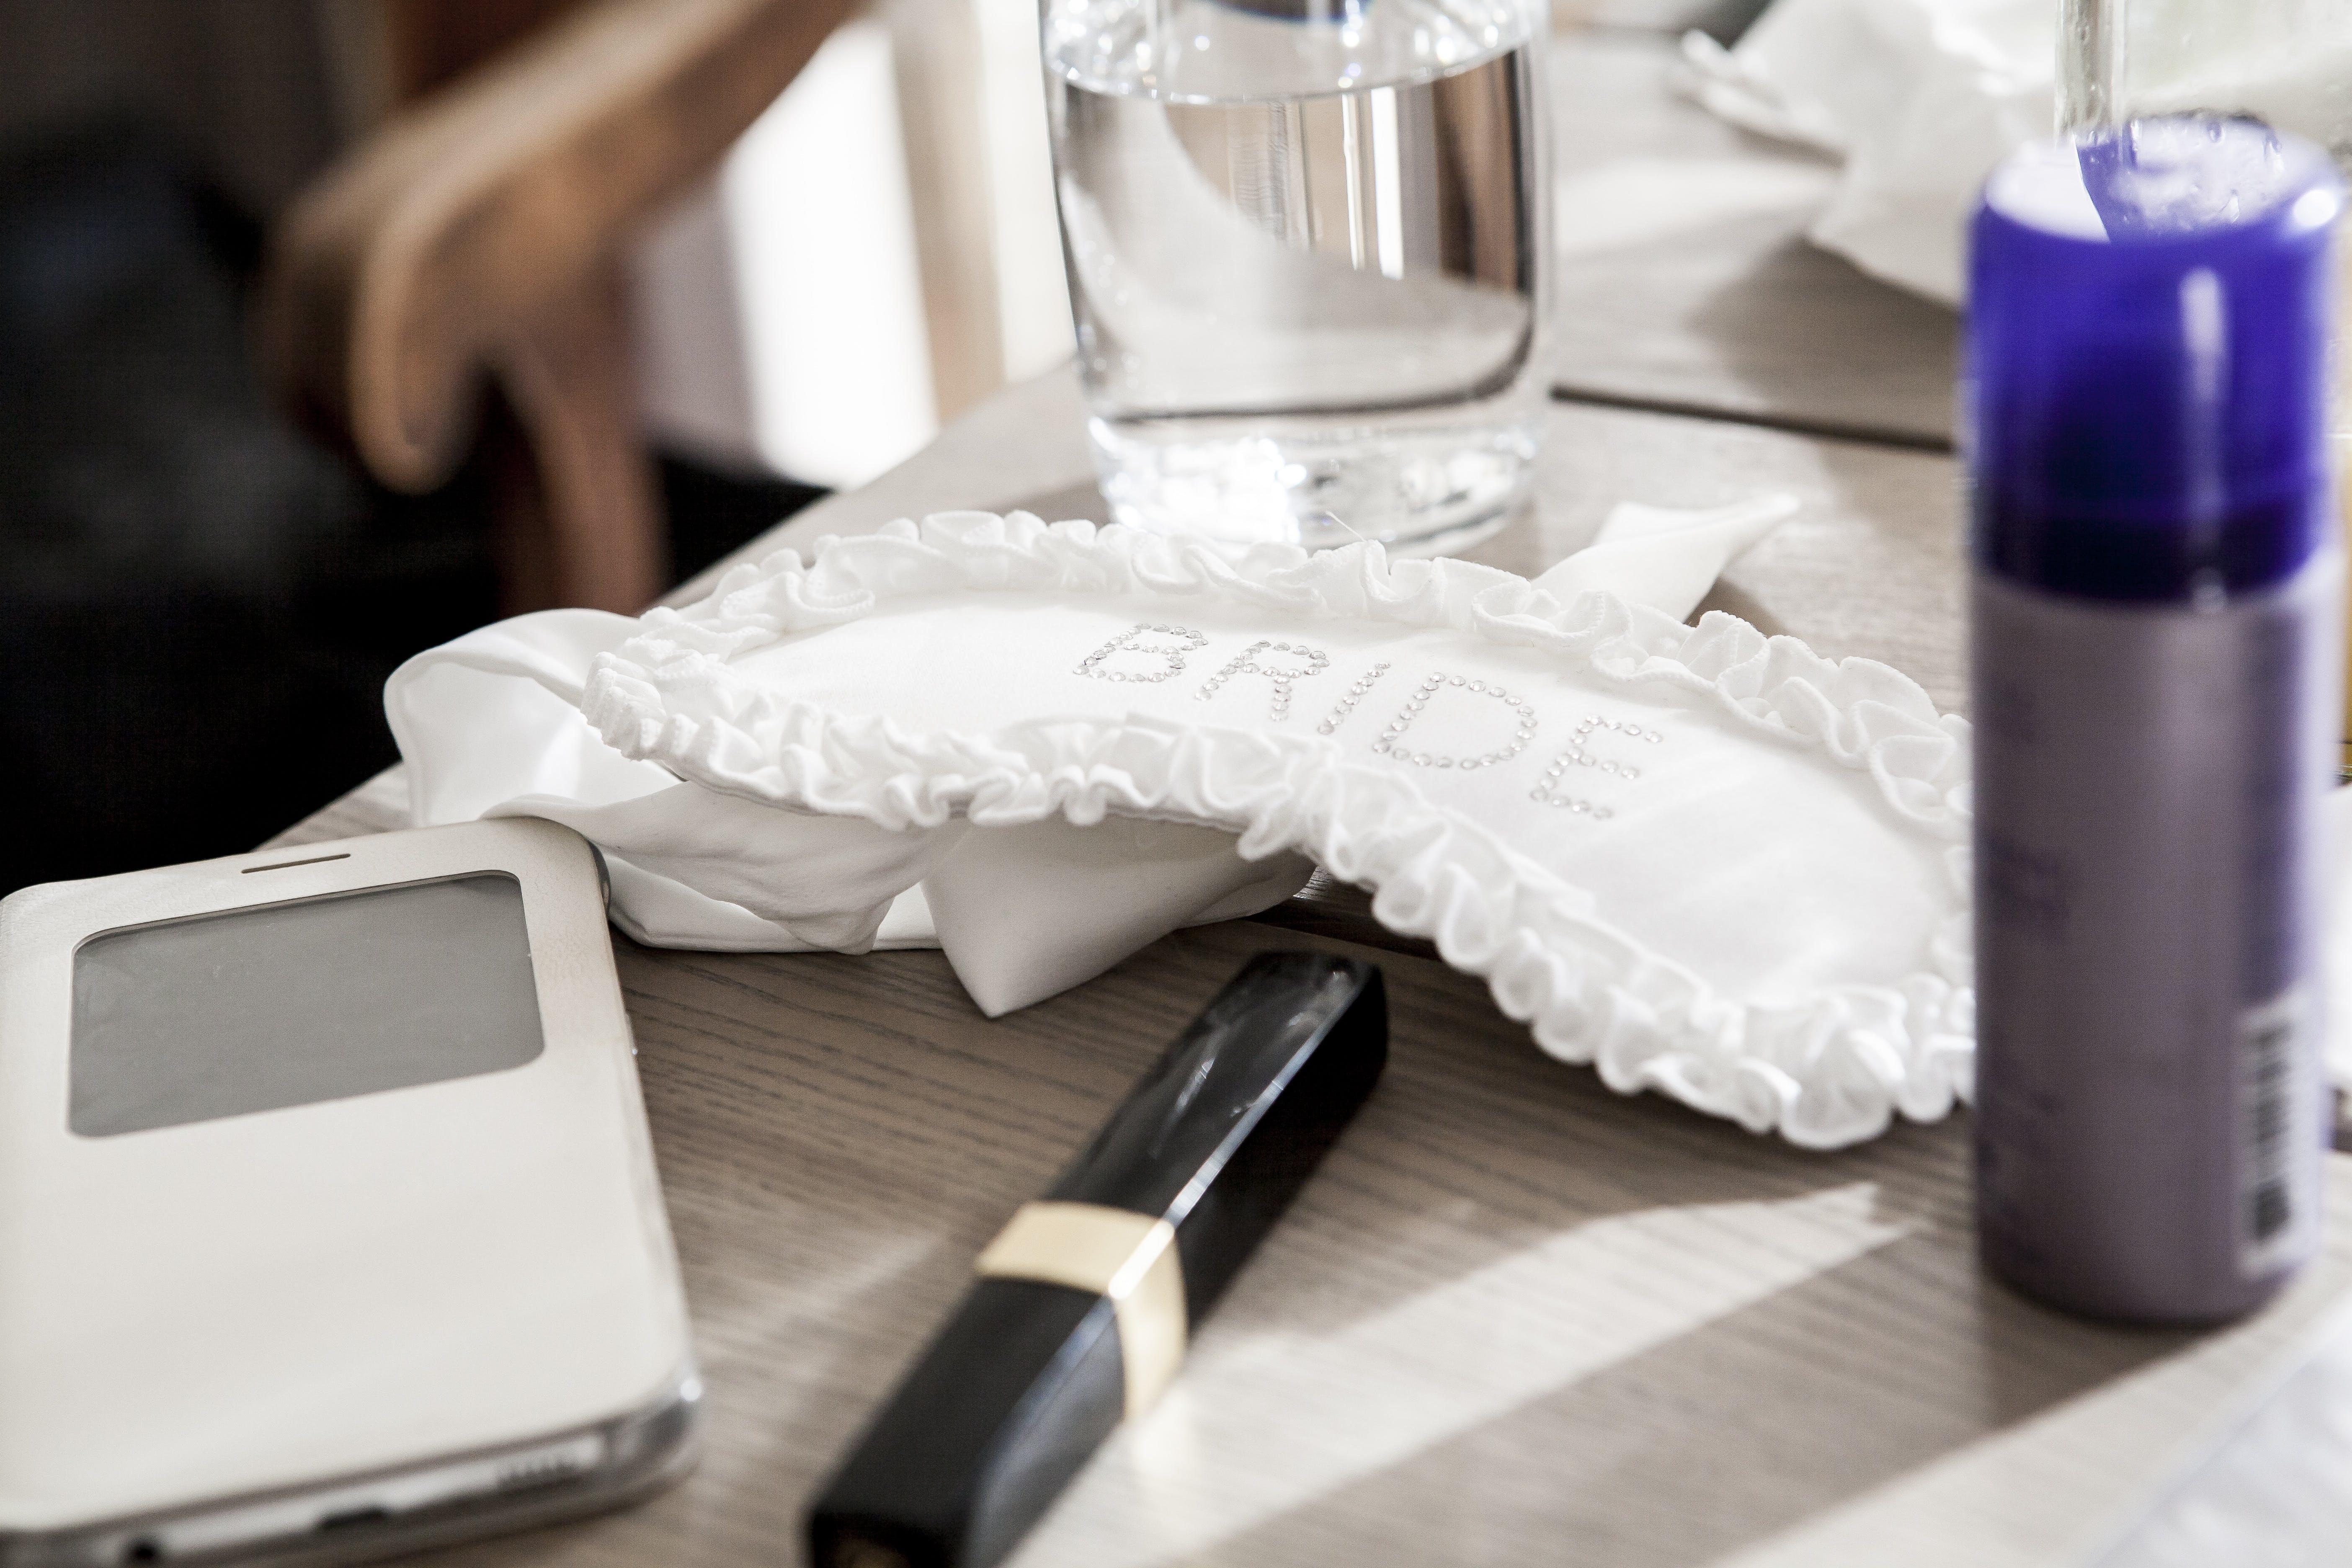 Bride Garter Beside Fragrance Bottle on Table